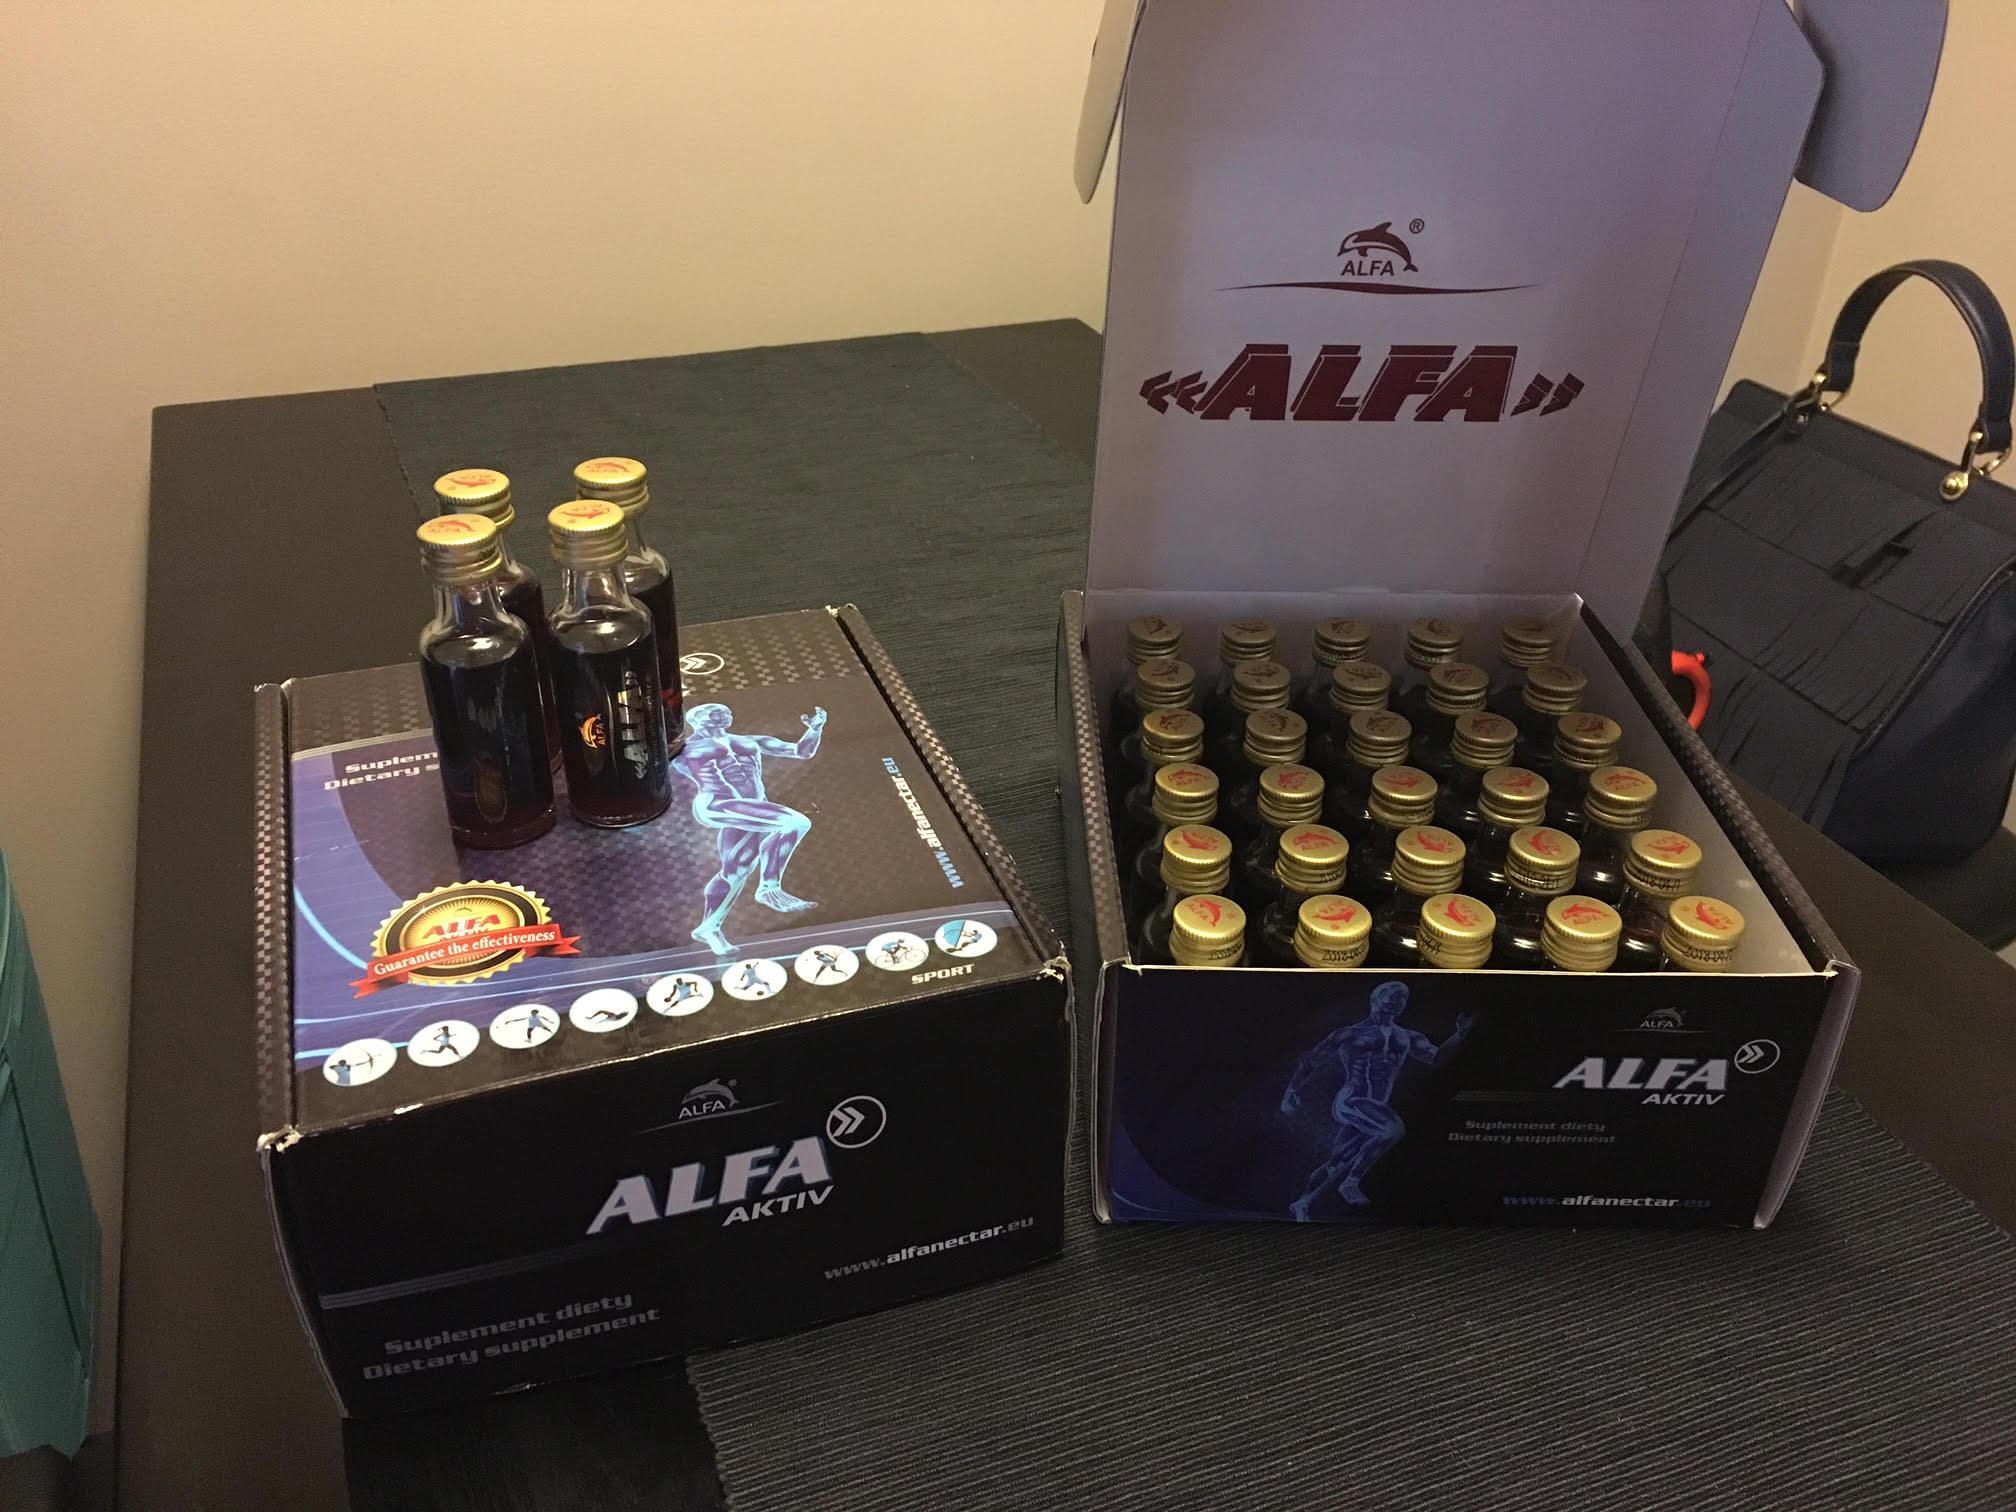 alfa aktiv